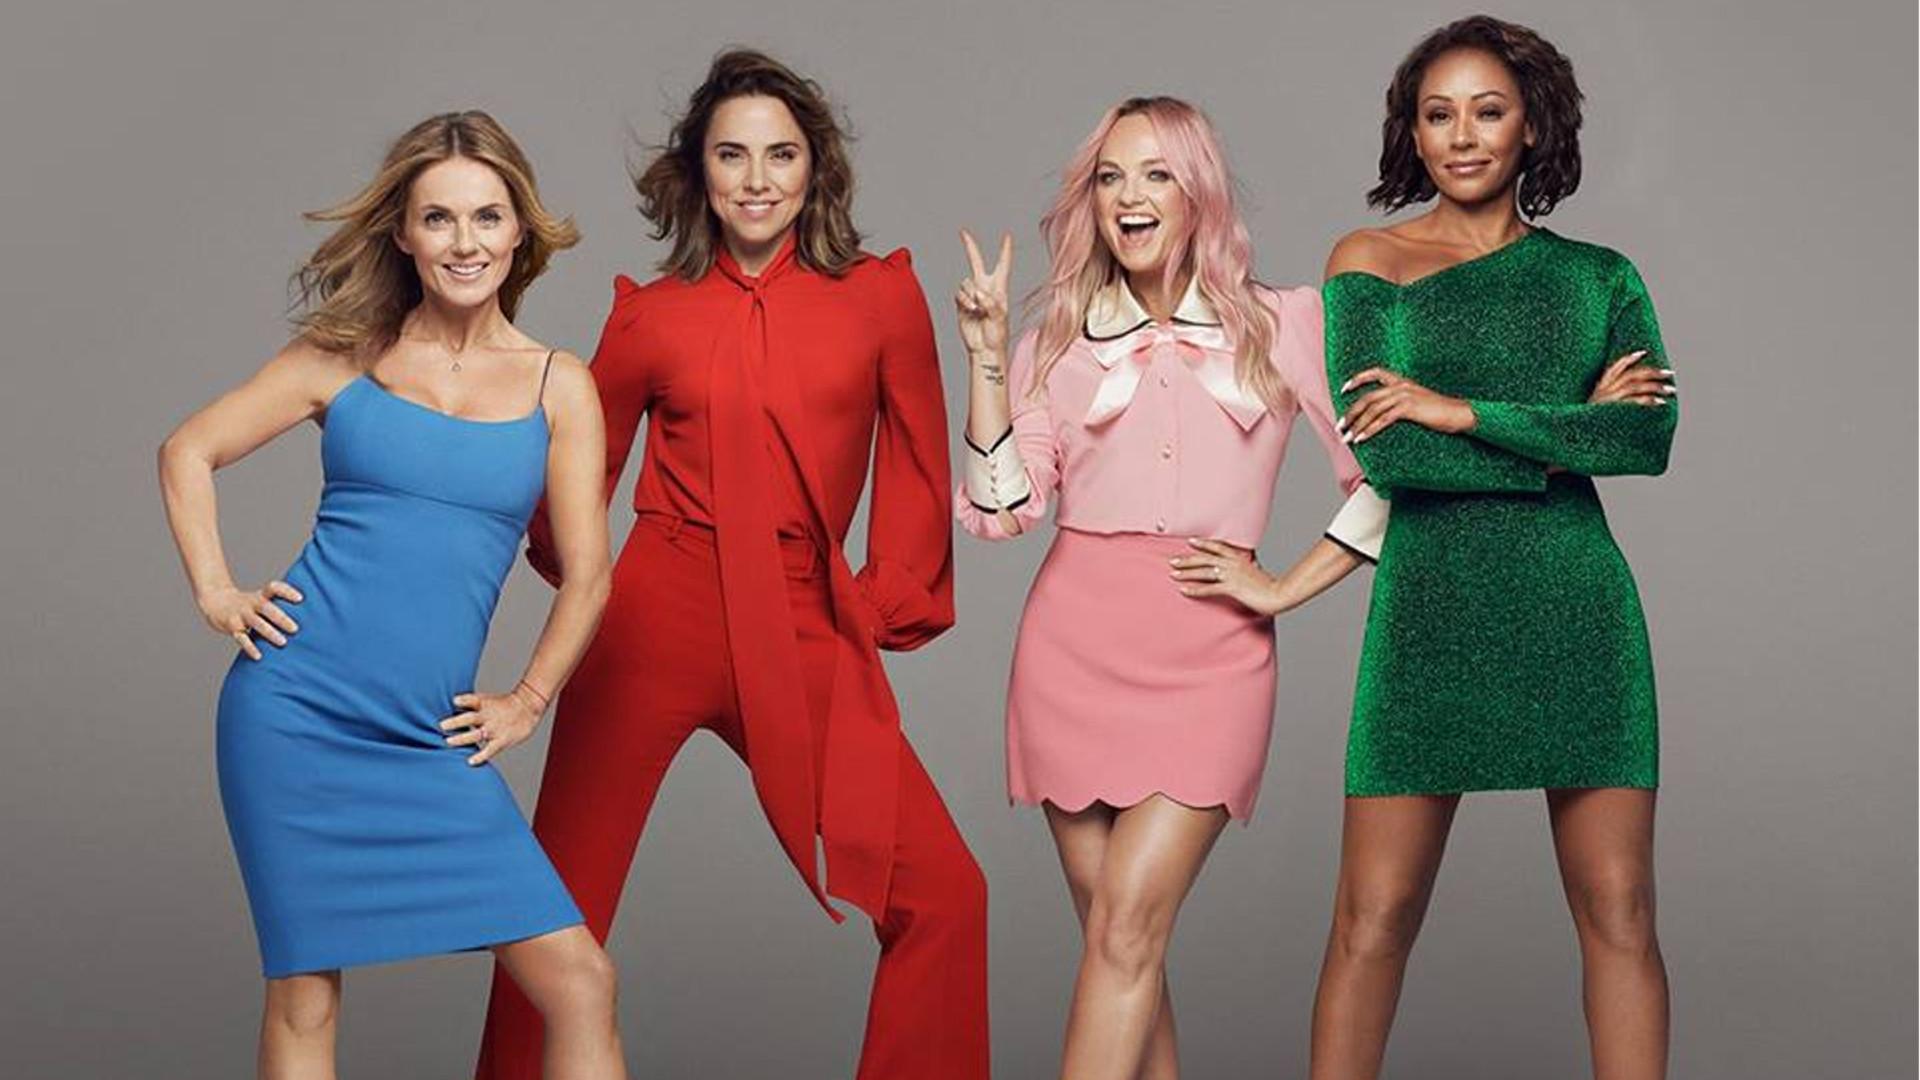 Spice Girls REAKTYWACJA! Zespół rusza w trasę koncertową bez Victorii Beckham